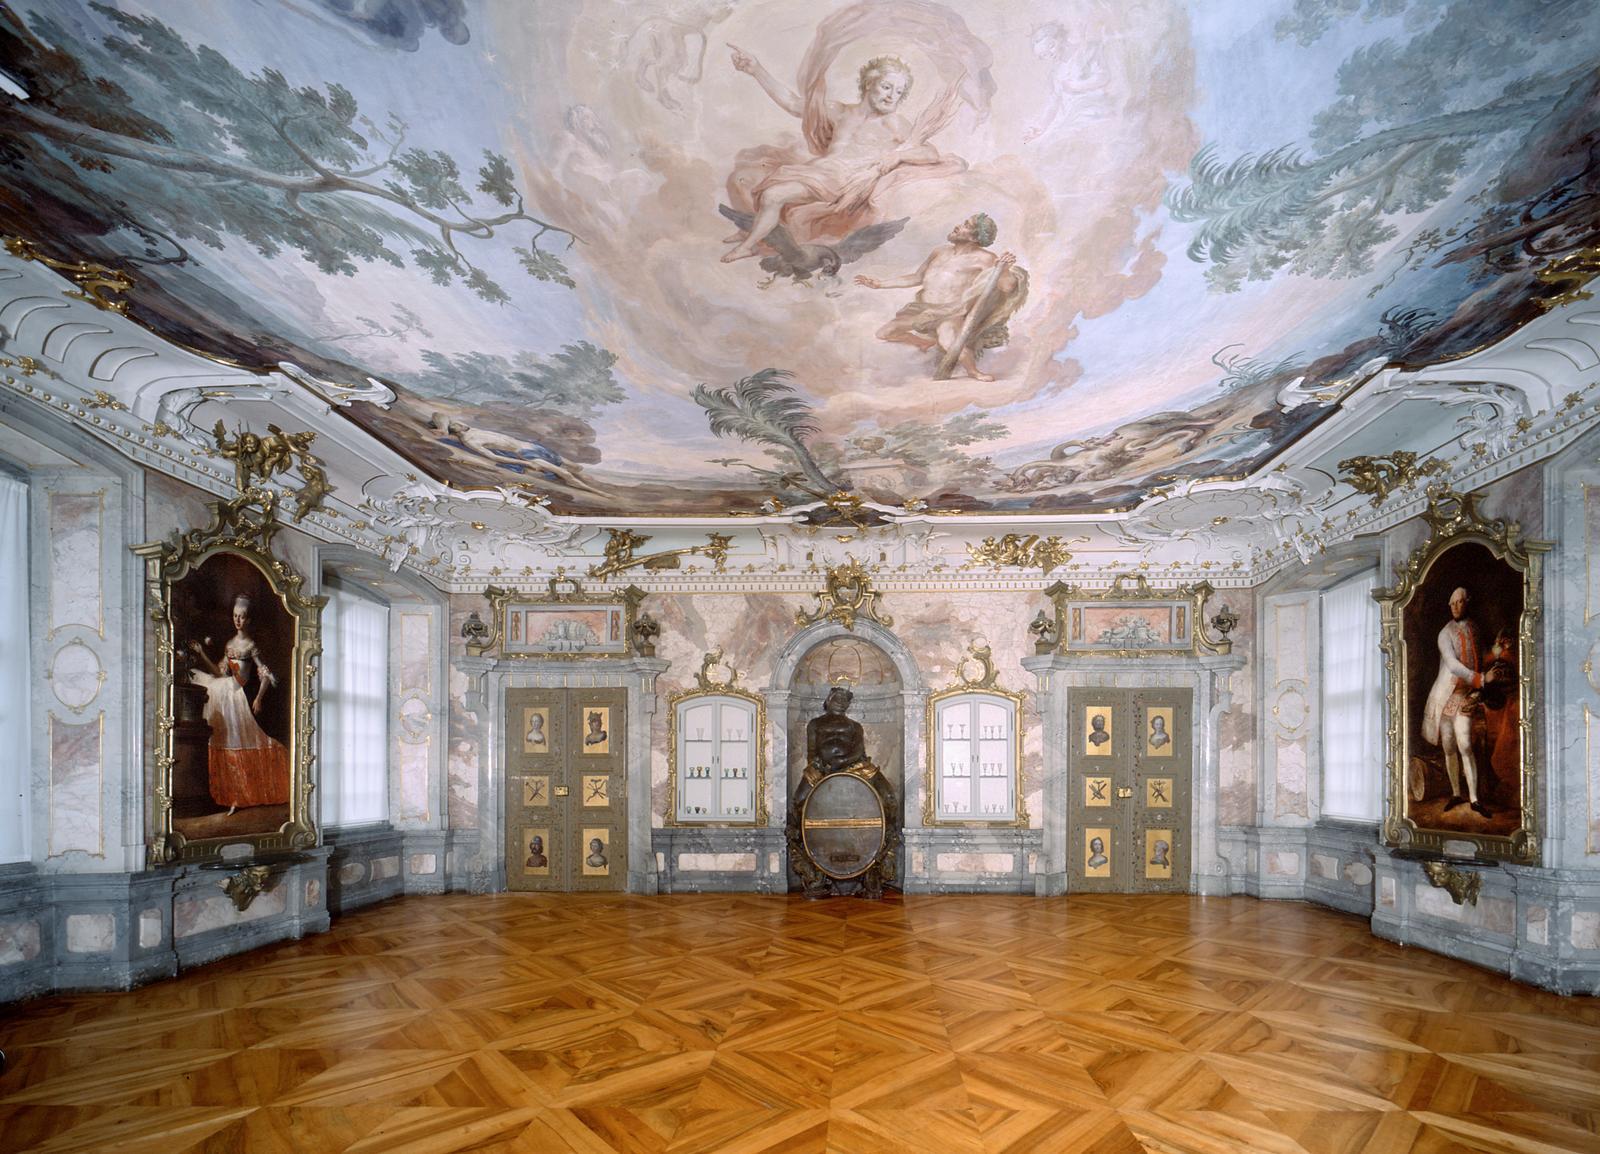 Neues Schloss Tettnang, Bacchussaal